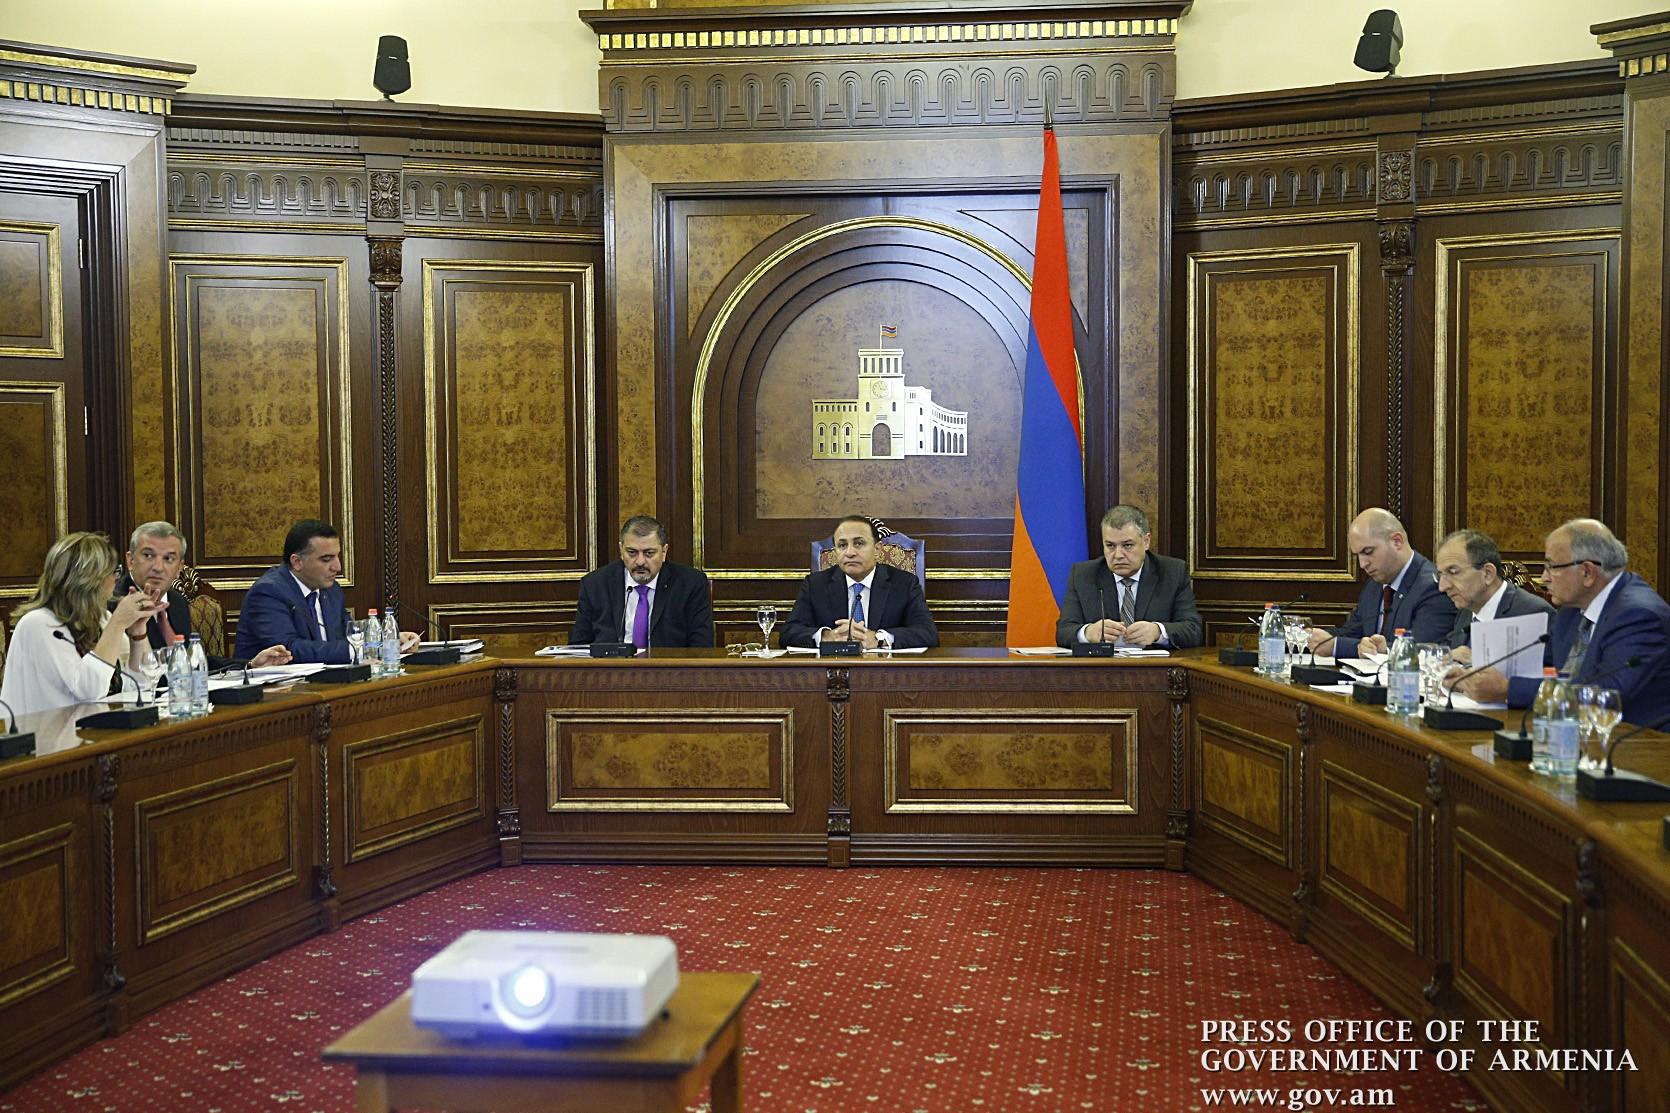 Армения планирует создать 4 новые игорные зоны